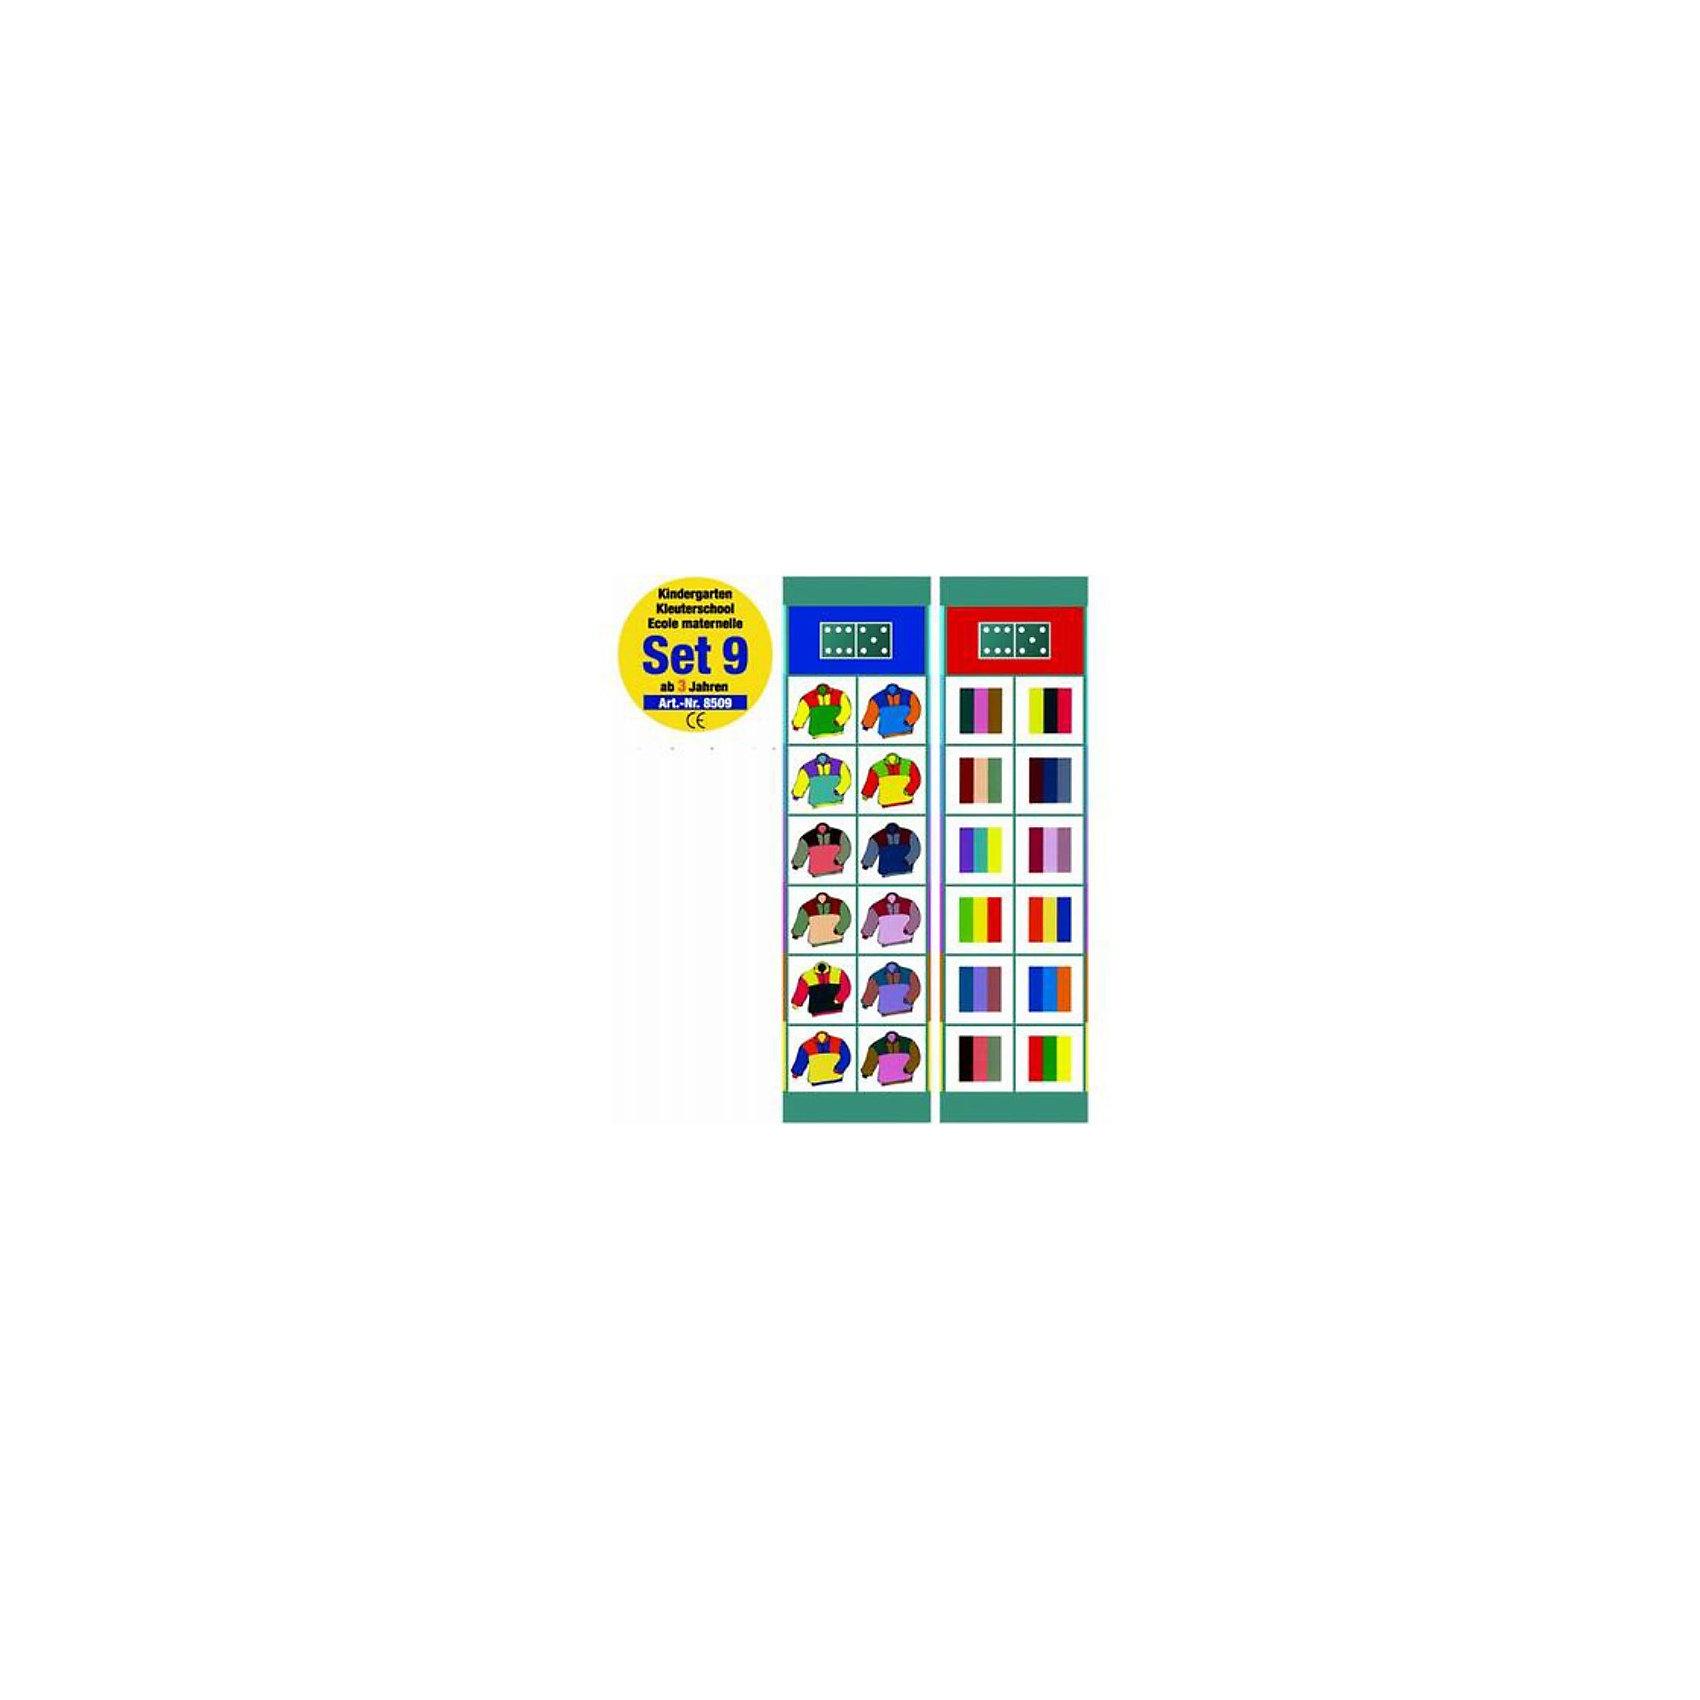 Flocards Набор заданий 9  Детский садОбучающая игра Флокардс с помощью игровой формы развивает у ребенка способность запонимания, концентрации и логического мышления. Использование и оформление магнитов и возможность самостоятельной проверки решений заданий пробуждает при этом особый интерес у ребенка. В набор входит 12 заданий для малышей от 3 лет на изучение цветов, развитие логики.<br><br>Карточки с заданиями:<br>1. Найди бабочку такого же цвета<br>2. Найди одинаковую пару медведей.<br>3. Найди строительный кран в таком же положении.<br>4. Найди одинаковый цветок<br>5. Какому животному соответствует контур?<br>6. Что продал булочник?<br>7. Что продал мясник?<br>8. 2 кирпичика <br>9. Танцующие гномы<br>10. Что соответствует друг другу?<br>11. Свитера 3 цветов<br>12. 3 простых головоломки.<br><br>Ширина мм: 300<br>Глубина мм: 8<br>Высота мм: 105<br>Вес г: 200<br>Возраст от месяцев: 36<br>Возраст до месяцев: 84<br>Пол: Унисекс<br>Возраст: Детский<br>SKU: 2200308